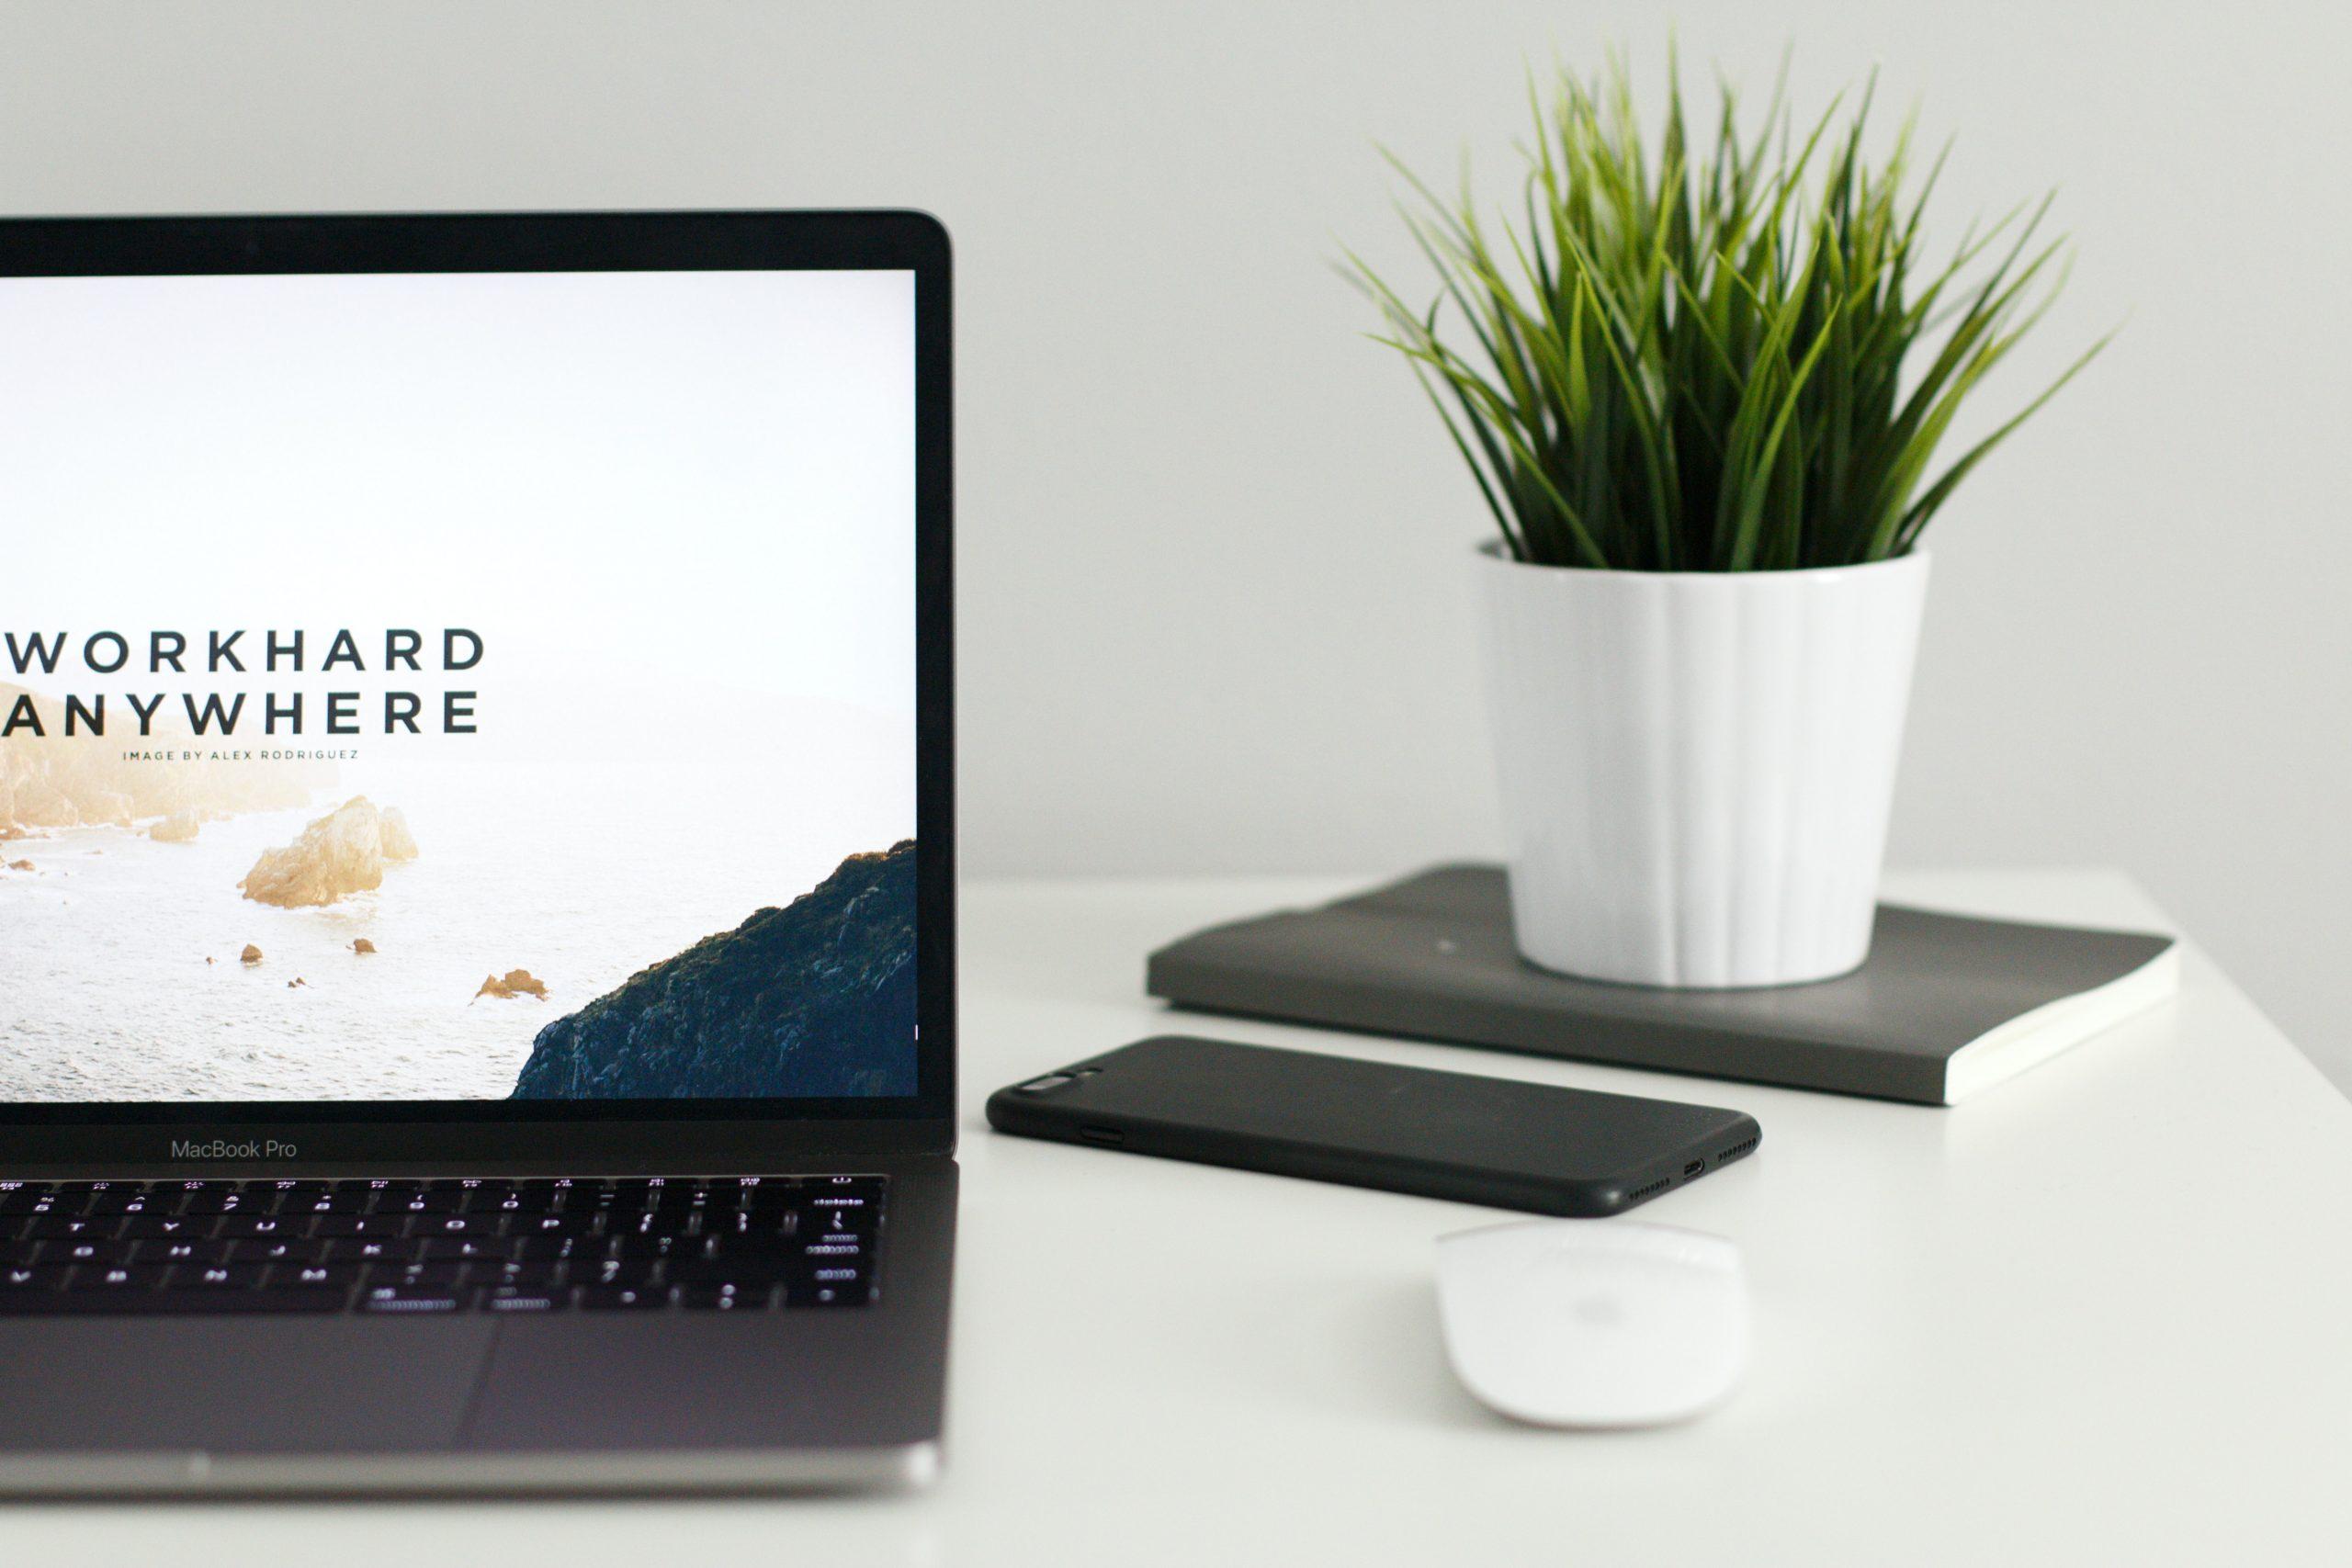 Republic Web Design Service